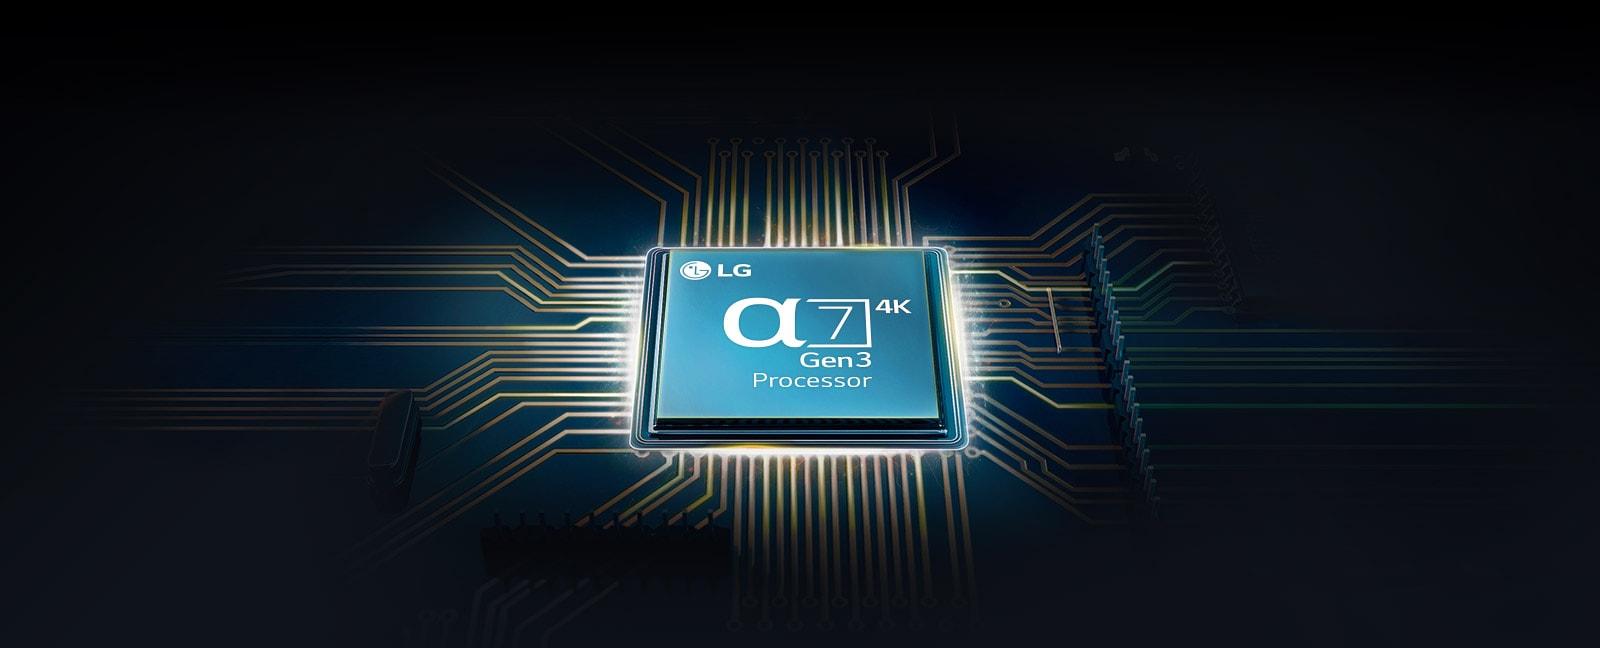 Układ Alpha 7 zamontowany na płycie głównej telewizora